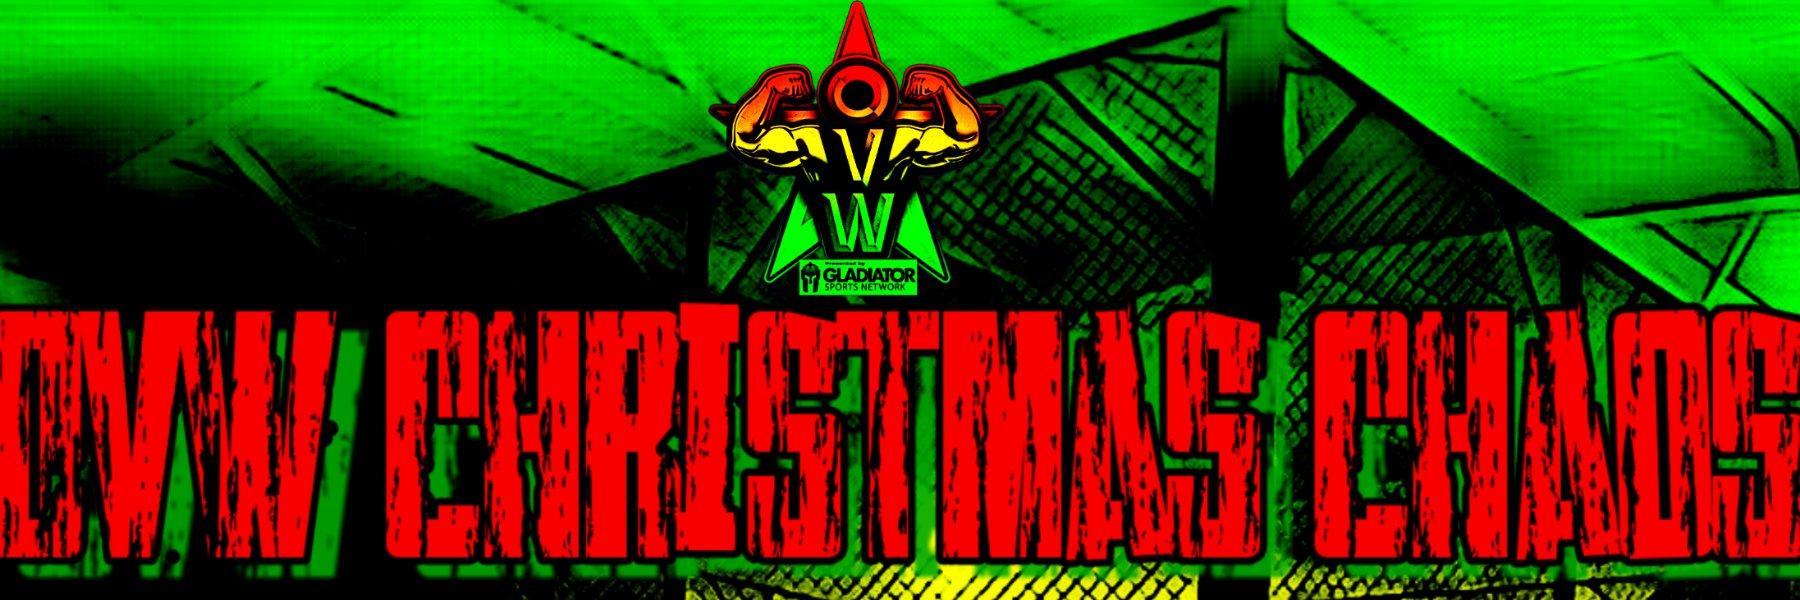 OVW Christmas Chaos 2018